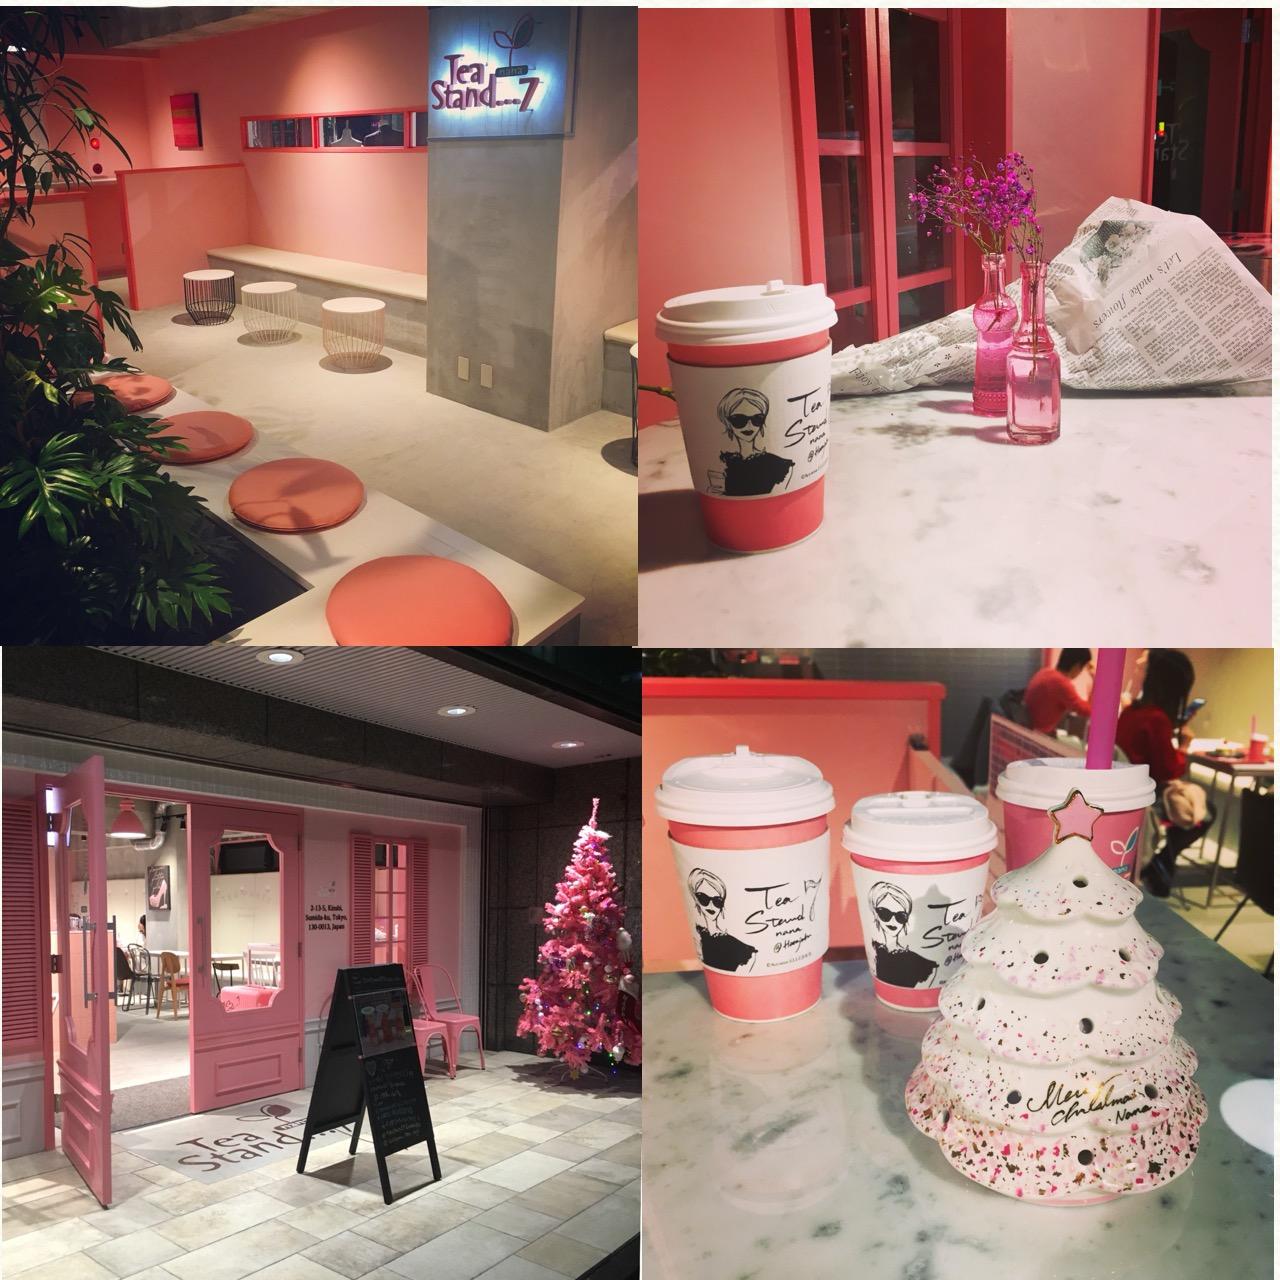 """ピンク尽くしのキュートなカフェ""""Tea Stand 7""""へ乙女のクリスマスケーキ食べに行ってきました!♡_2"""